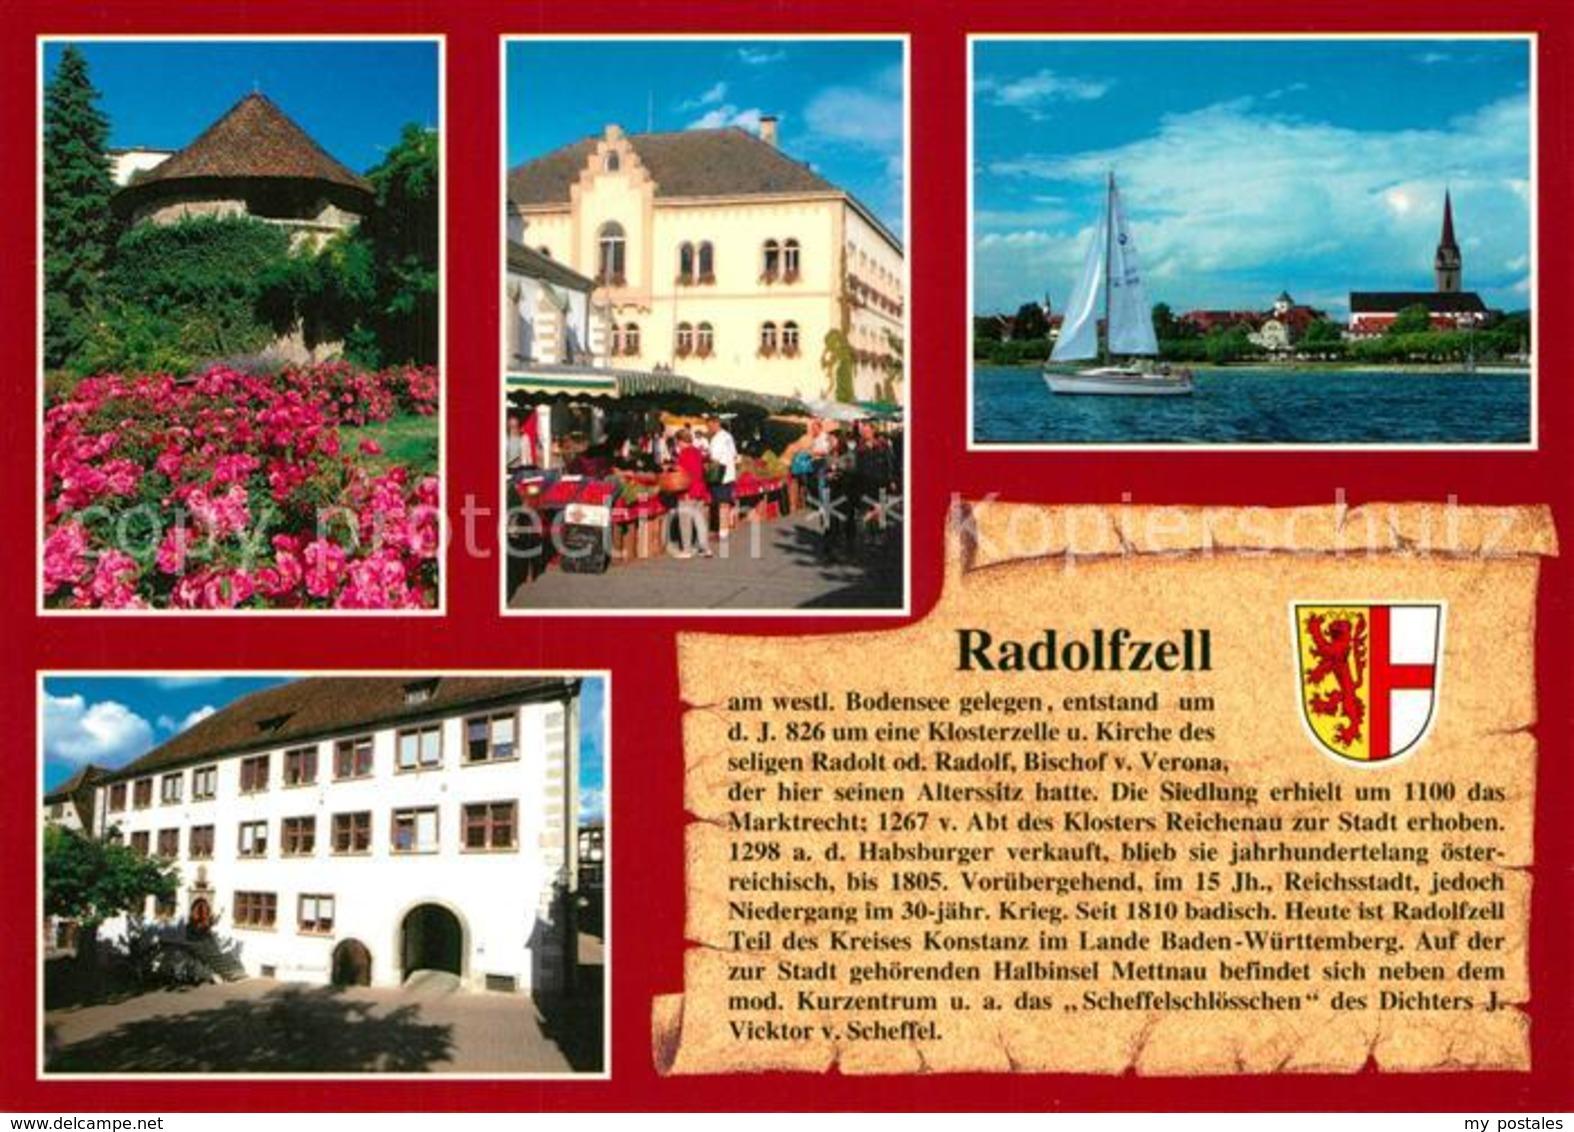 73213370 Radolfzell_Bodensee Pulverturm Rathaus Muenster UL Frau Ritterschaftsha - Radolfzell